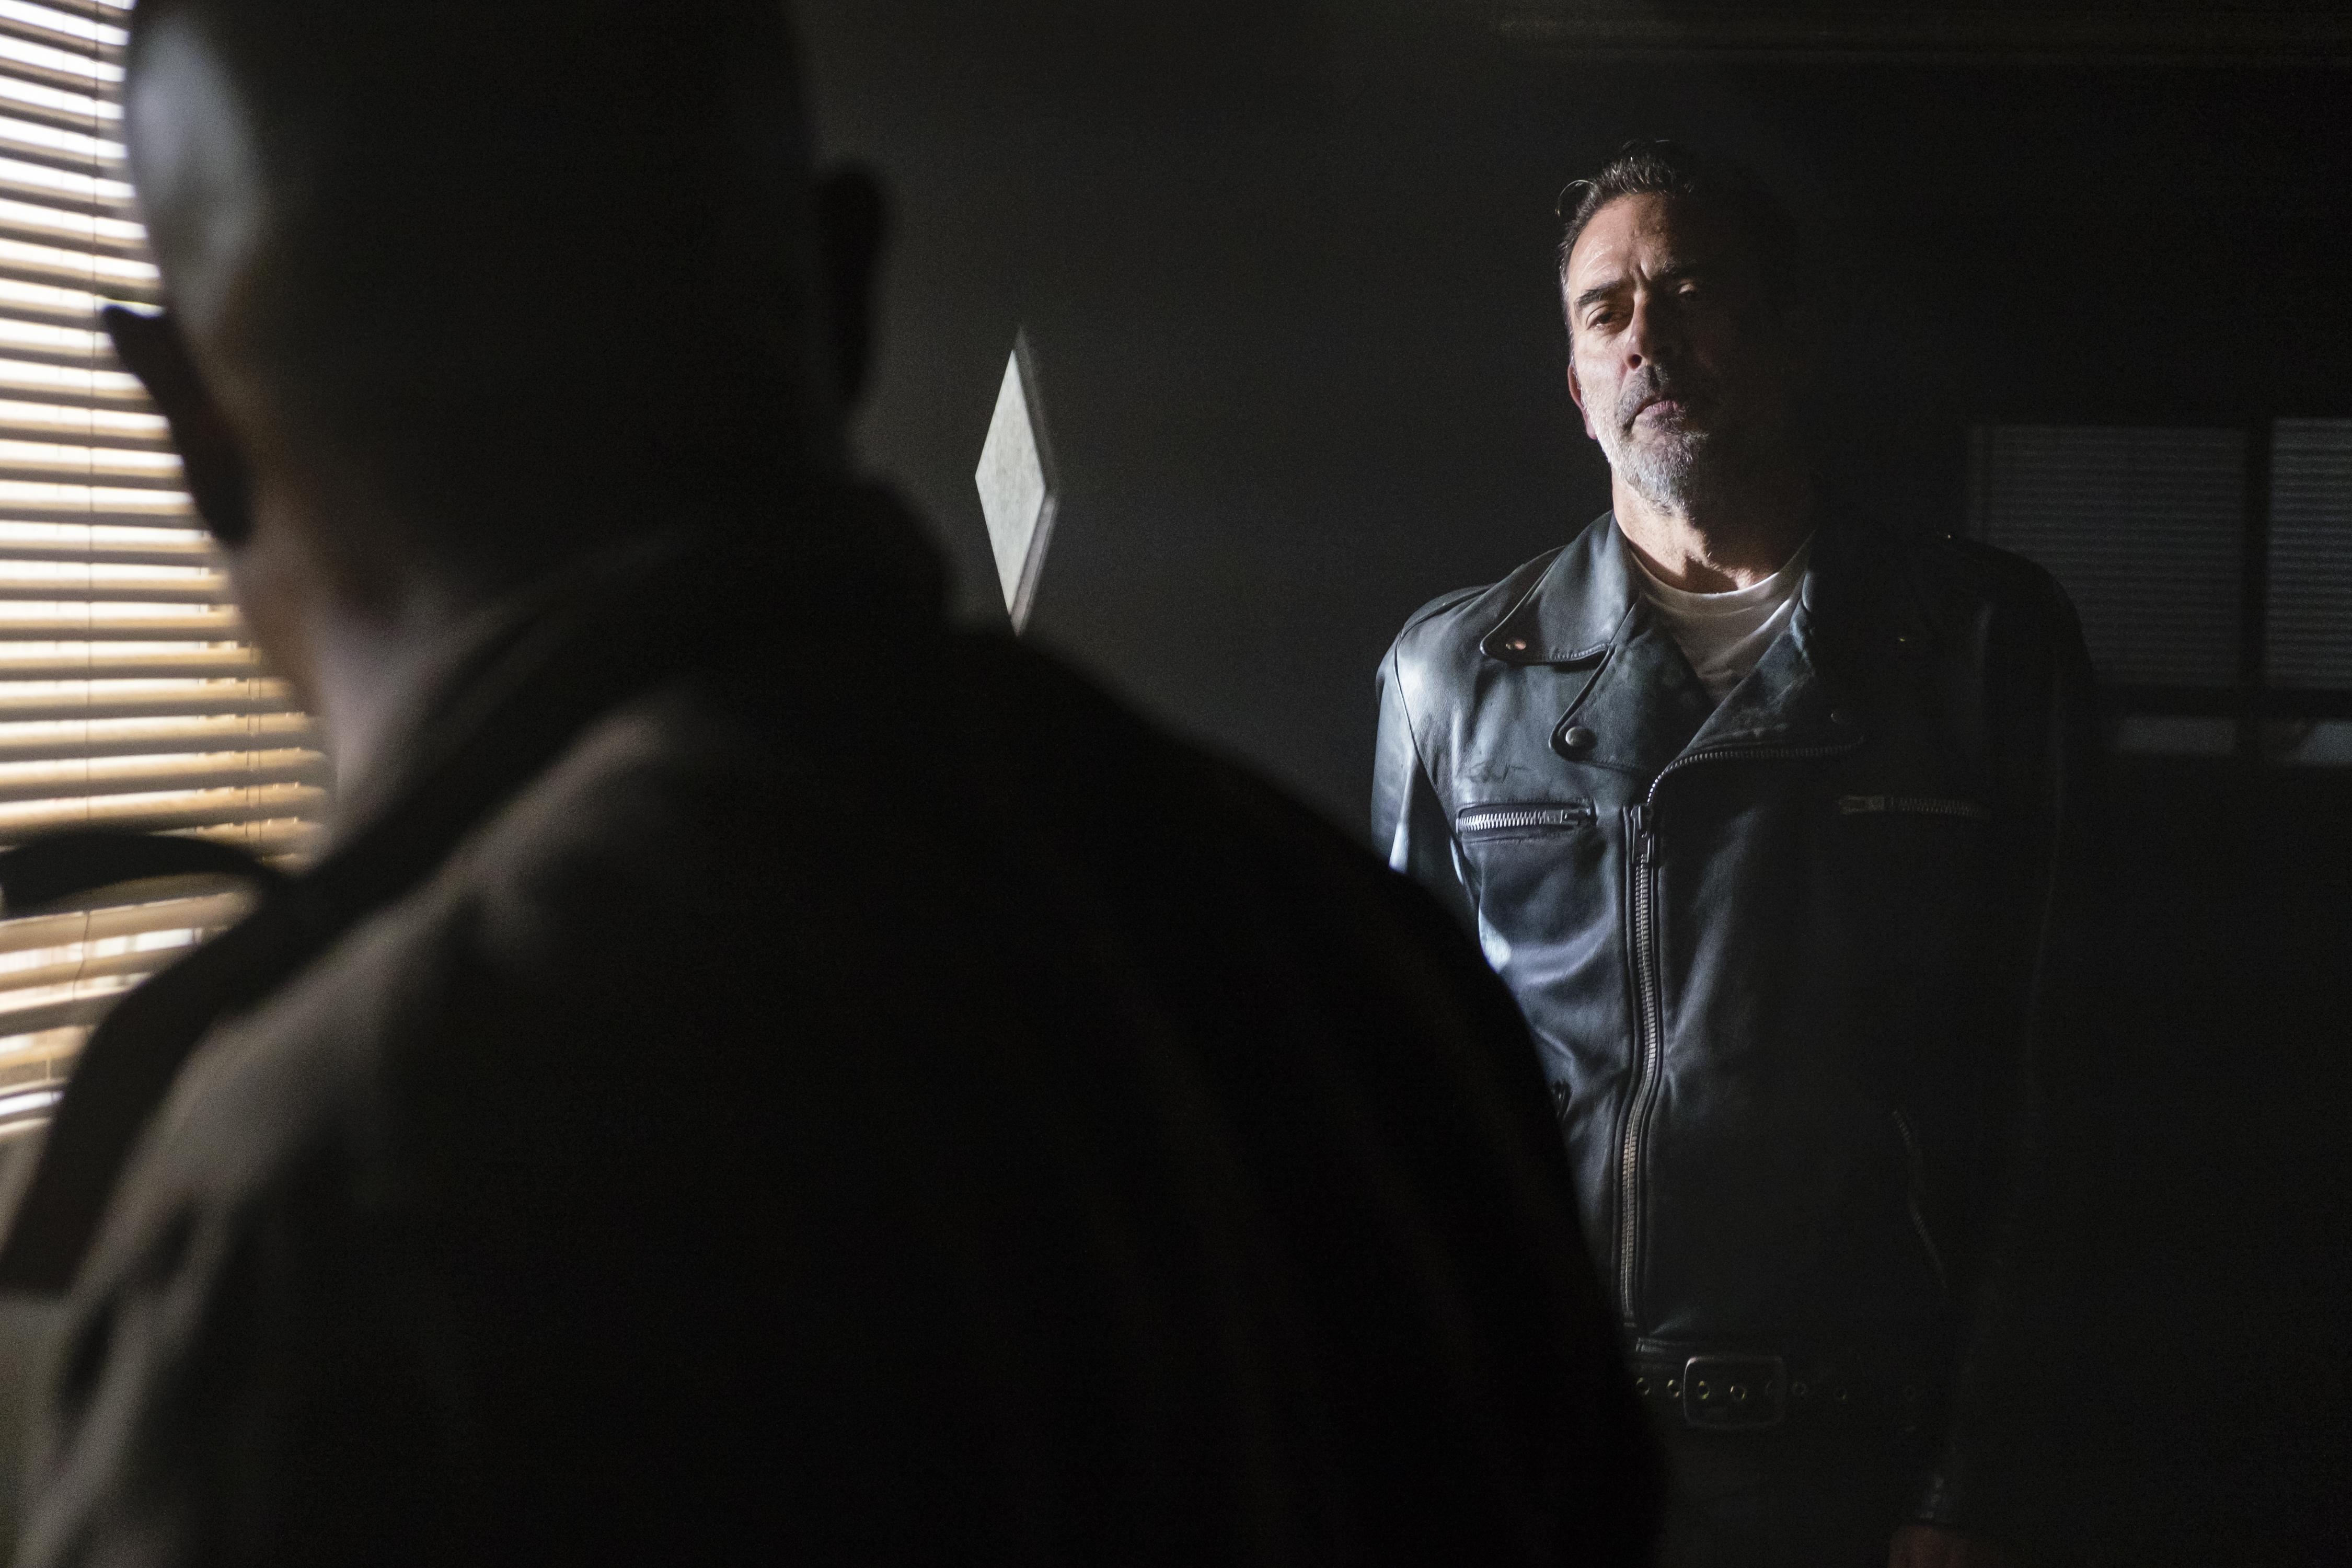 The Walking Dead 4k Ultra Hd Wallpaper Background Image